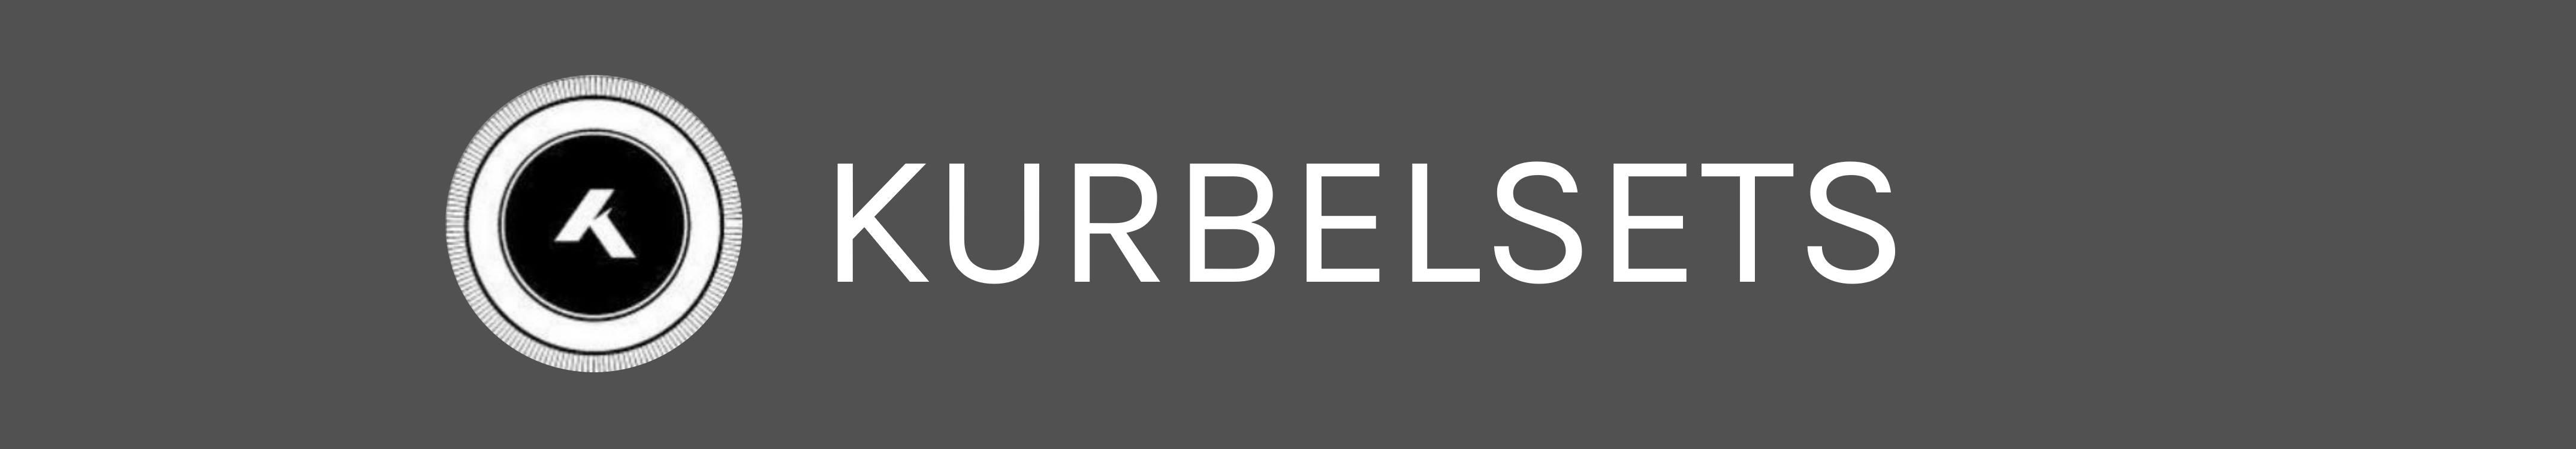 KHE-Banner-kurbelsets